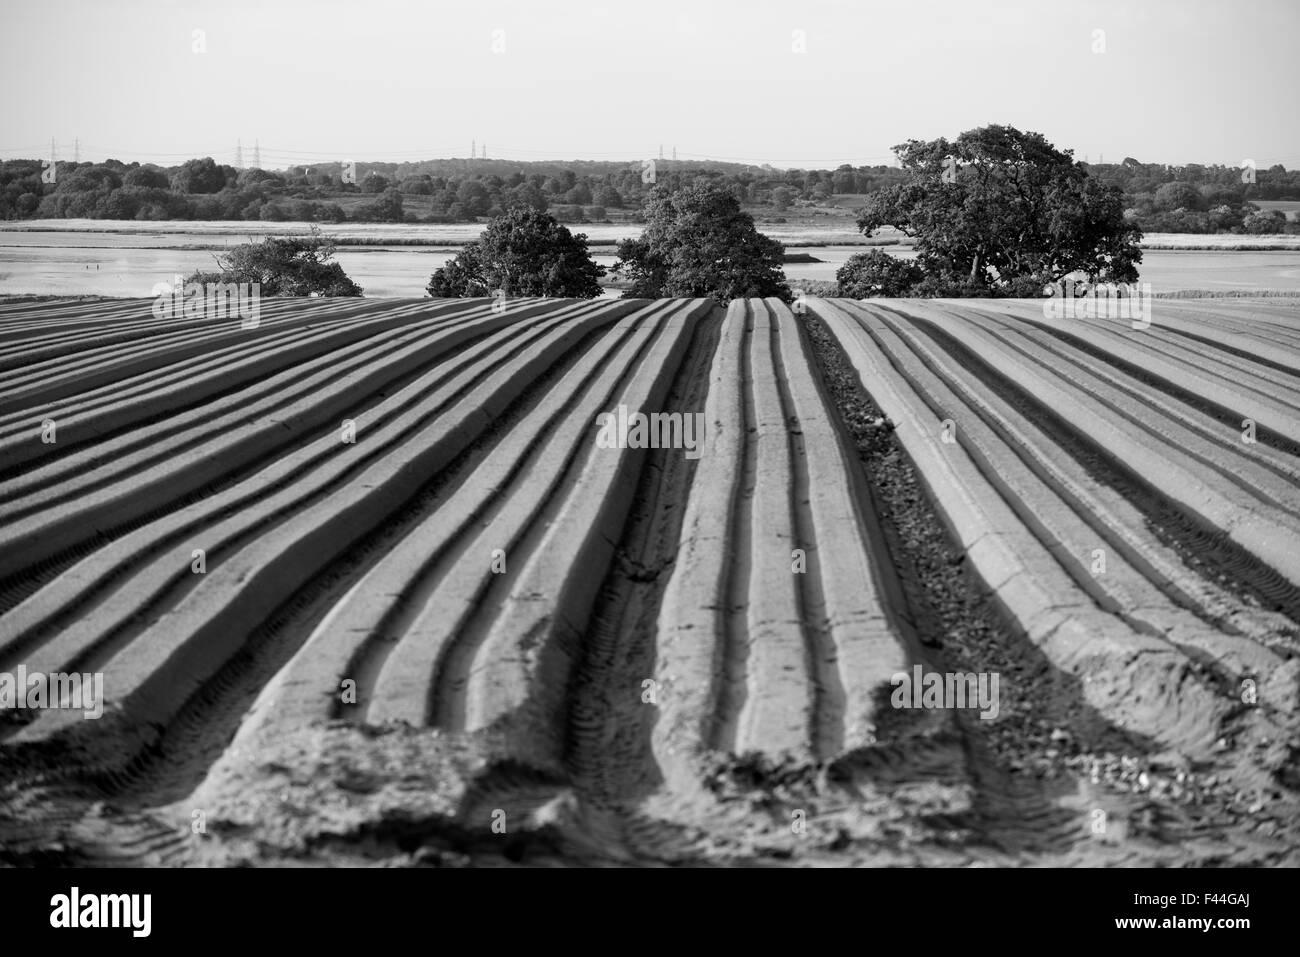 Potato crop Iken Suffolk UK - Stock Image